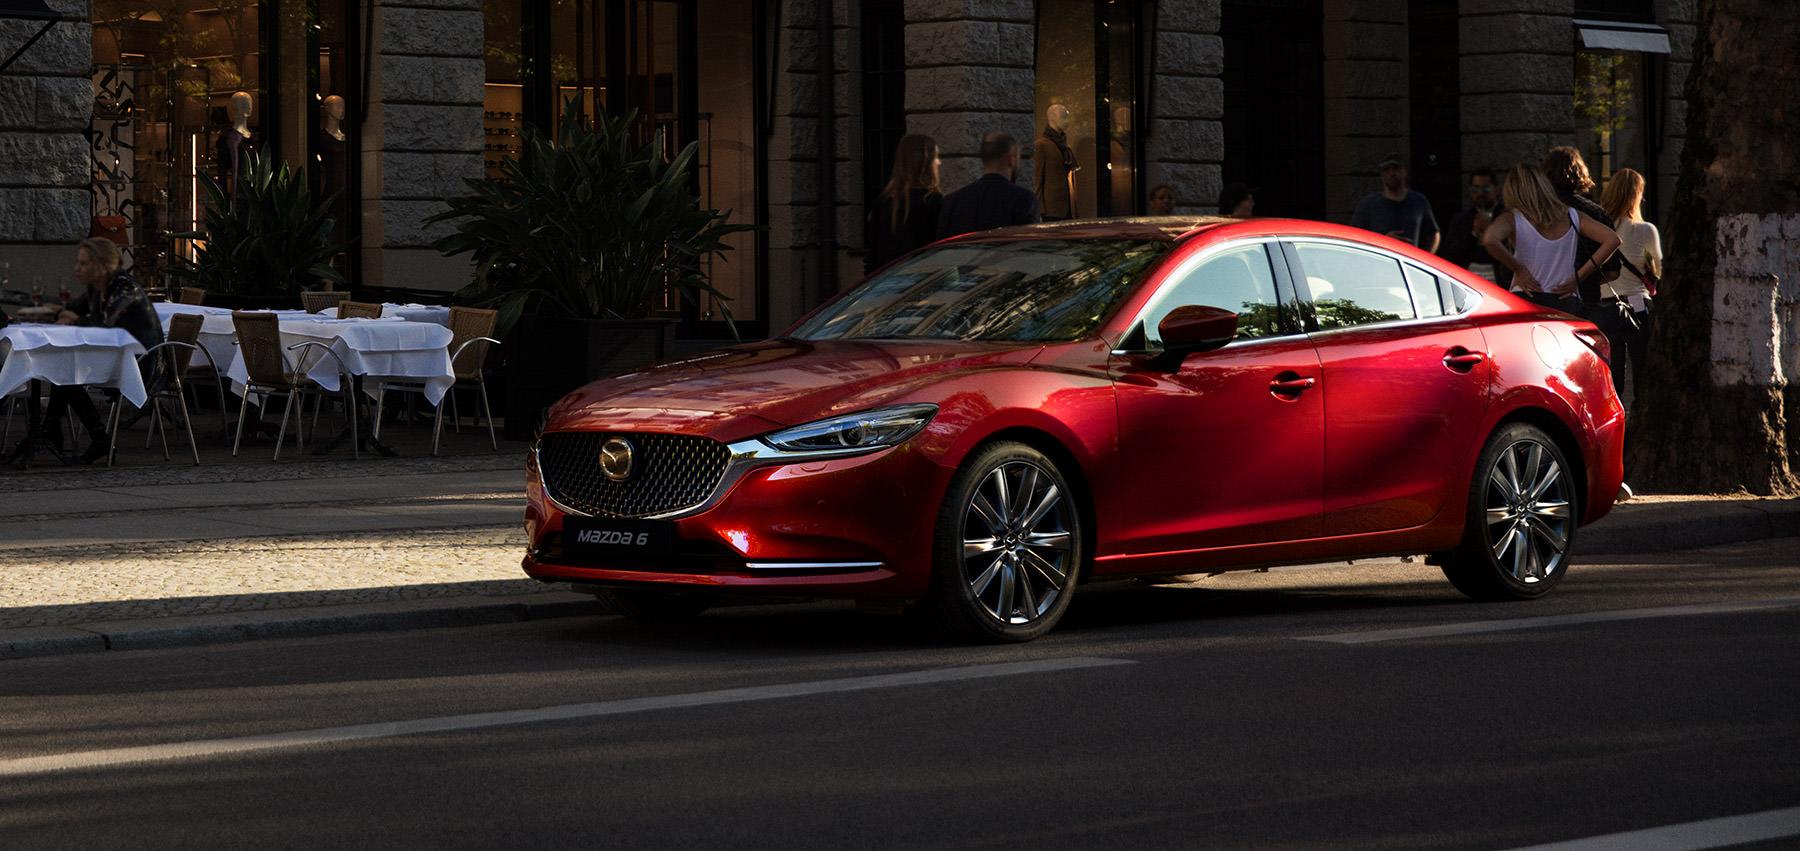 Młodzieńczy Mazda 6 Sedan to połączenie elegancji i stylu dla Ciebie i twojej BD32